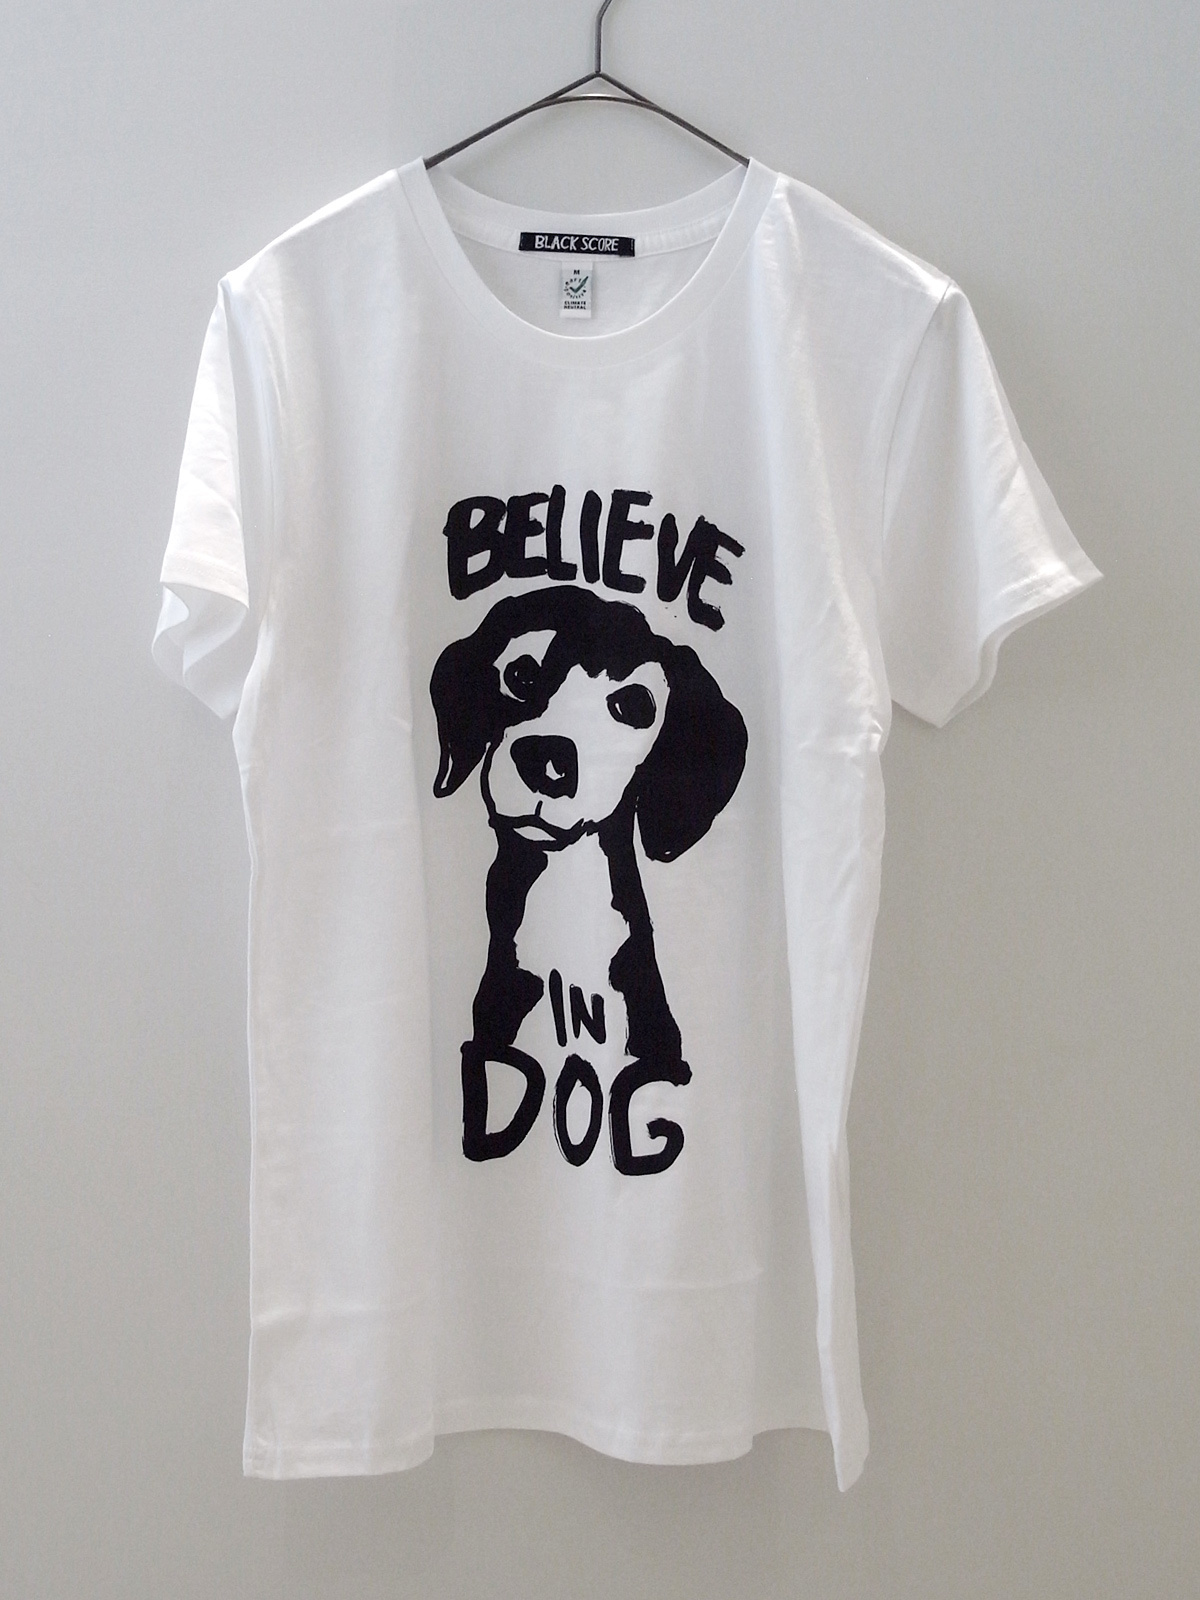 BLACK SCORE ブラックスコアの Tシャツが入荷いたしました!_c0176078_14400191.jpg